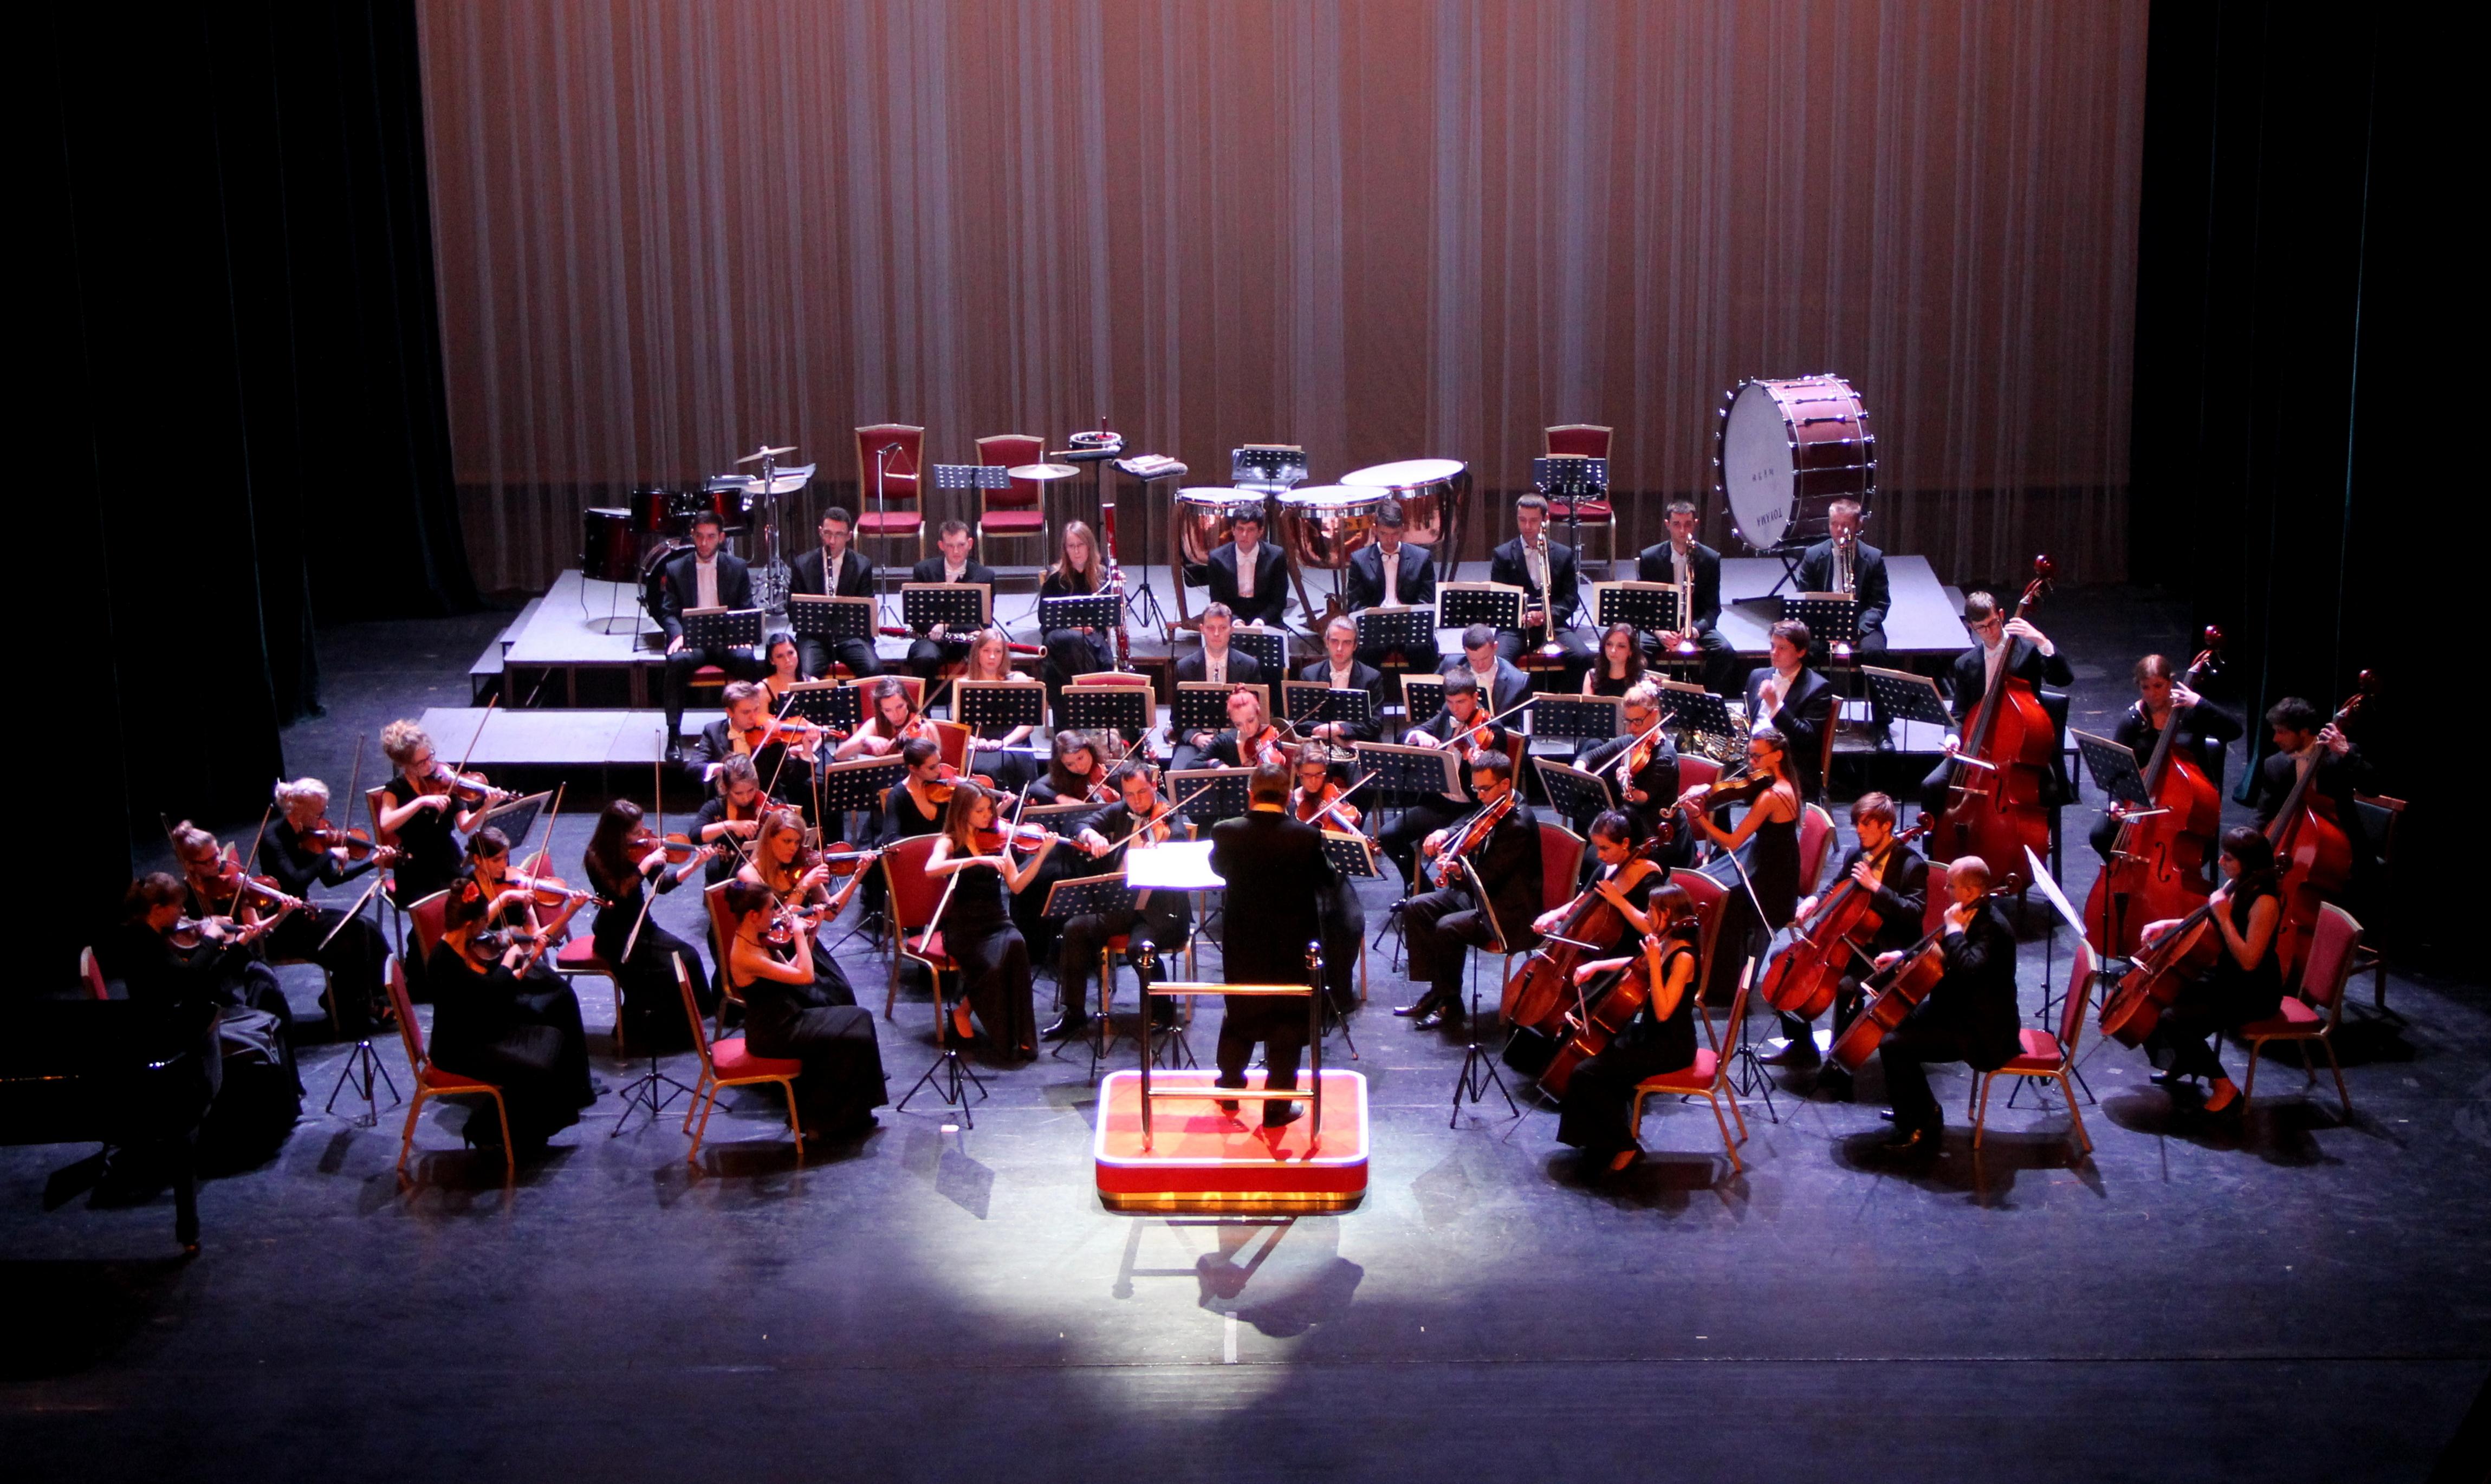 Orkiestra Symfoniczna Akademii Muzycznej w Gdańsku_1